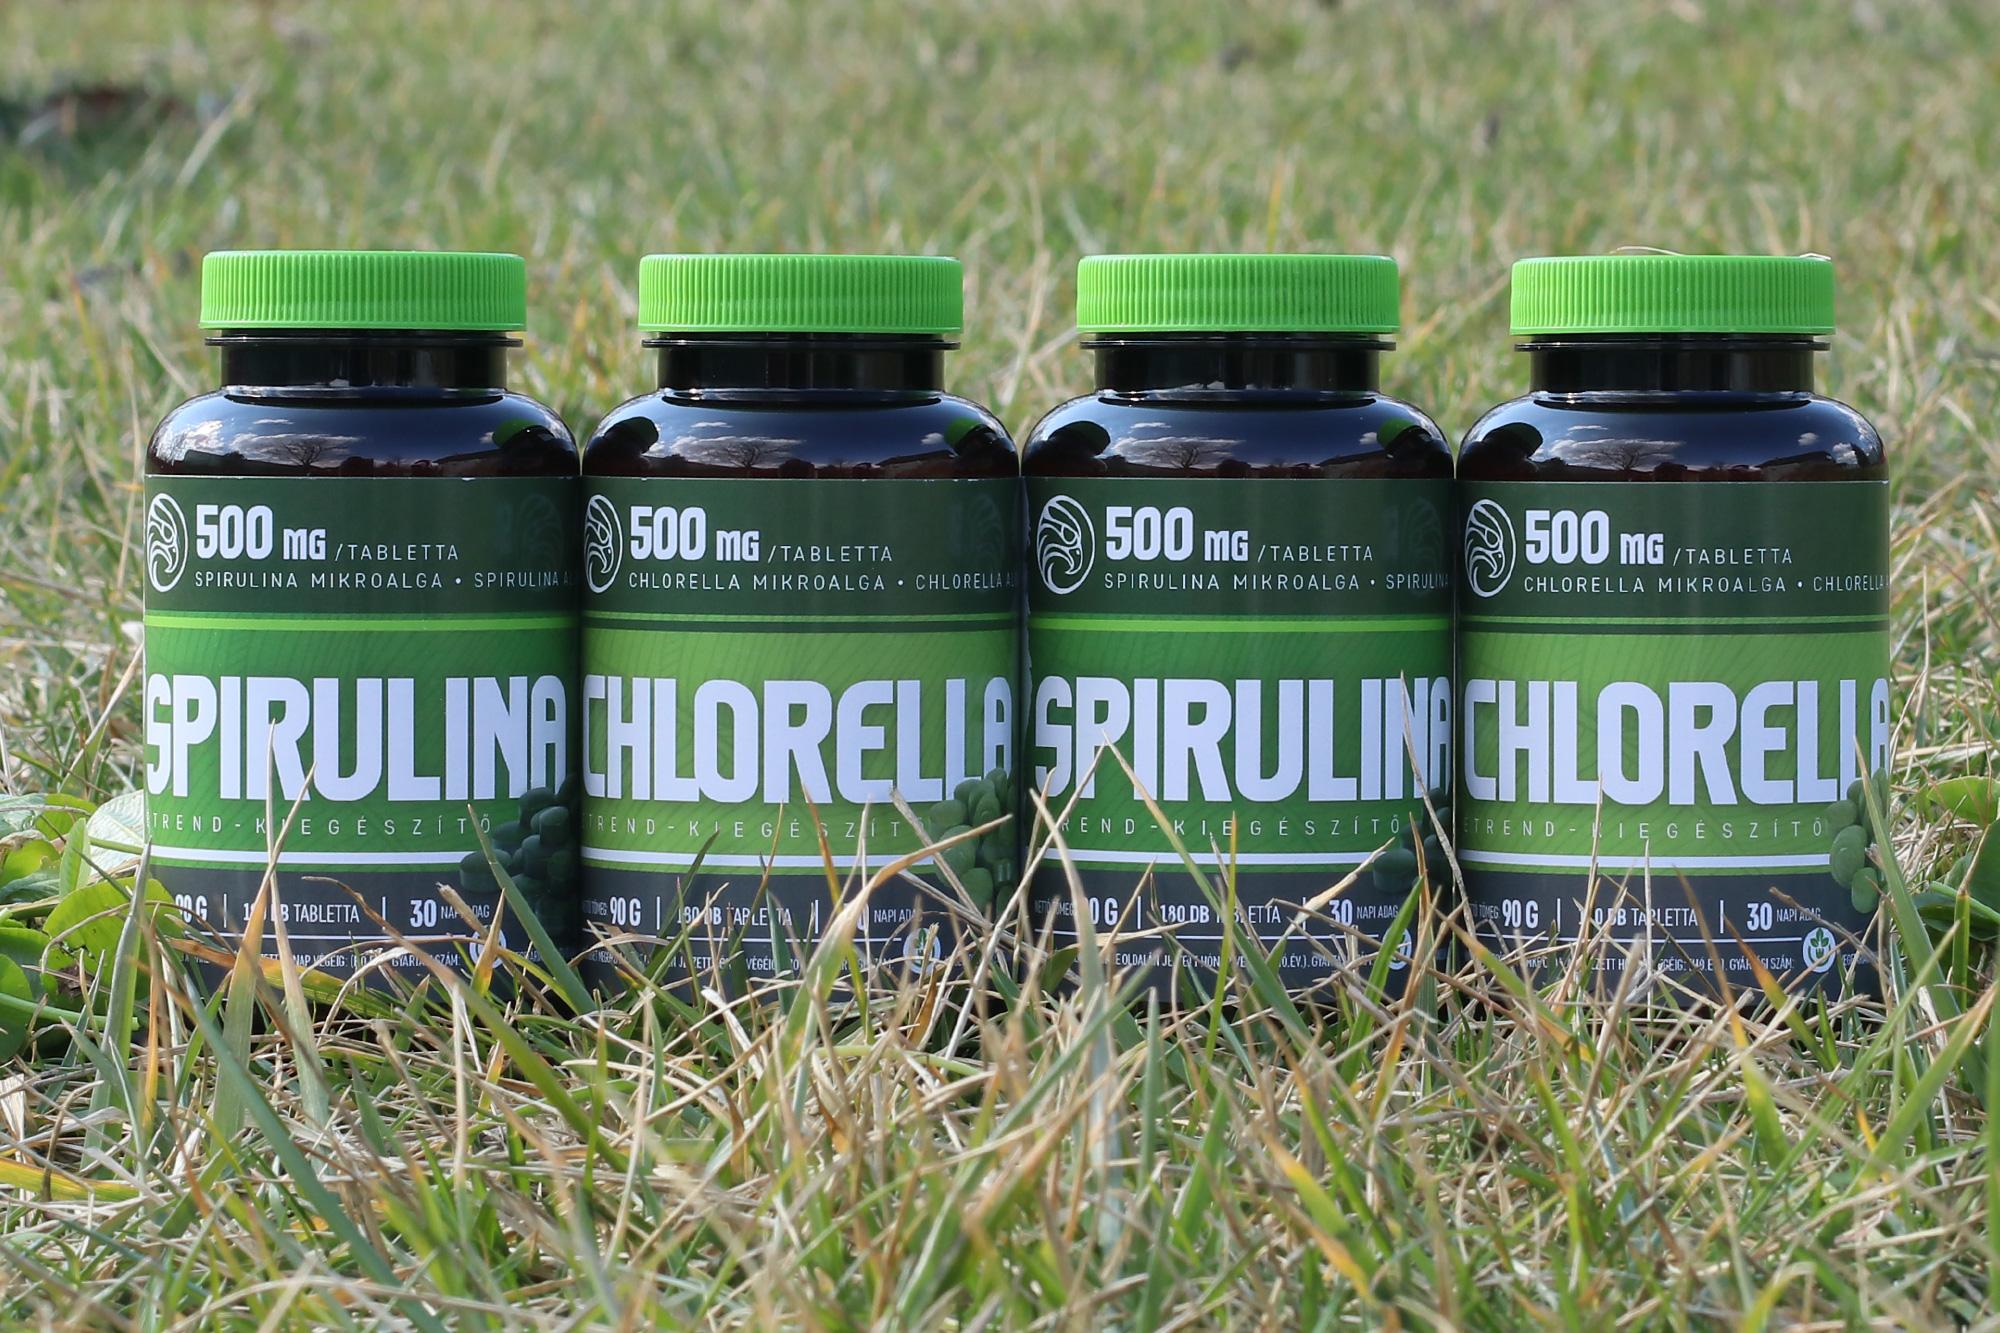 spirulina és magas vérnyomás hipertóniás sóoldat magas vérnyomás esetén